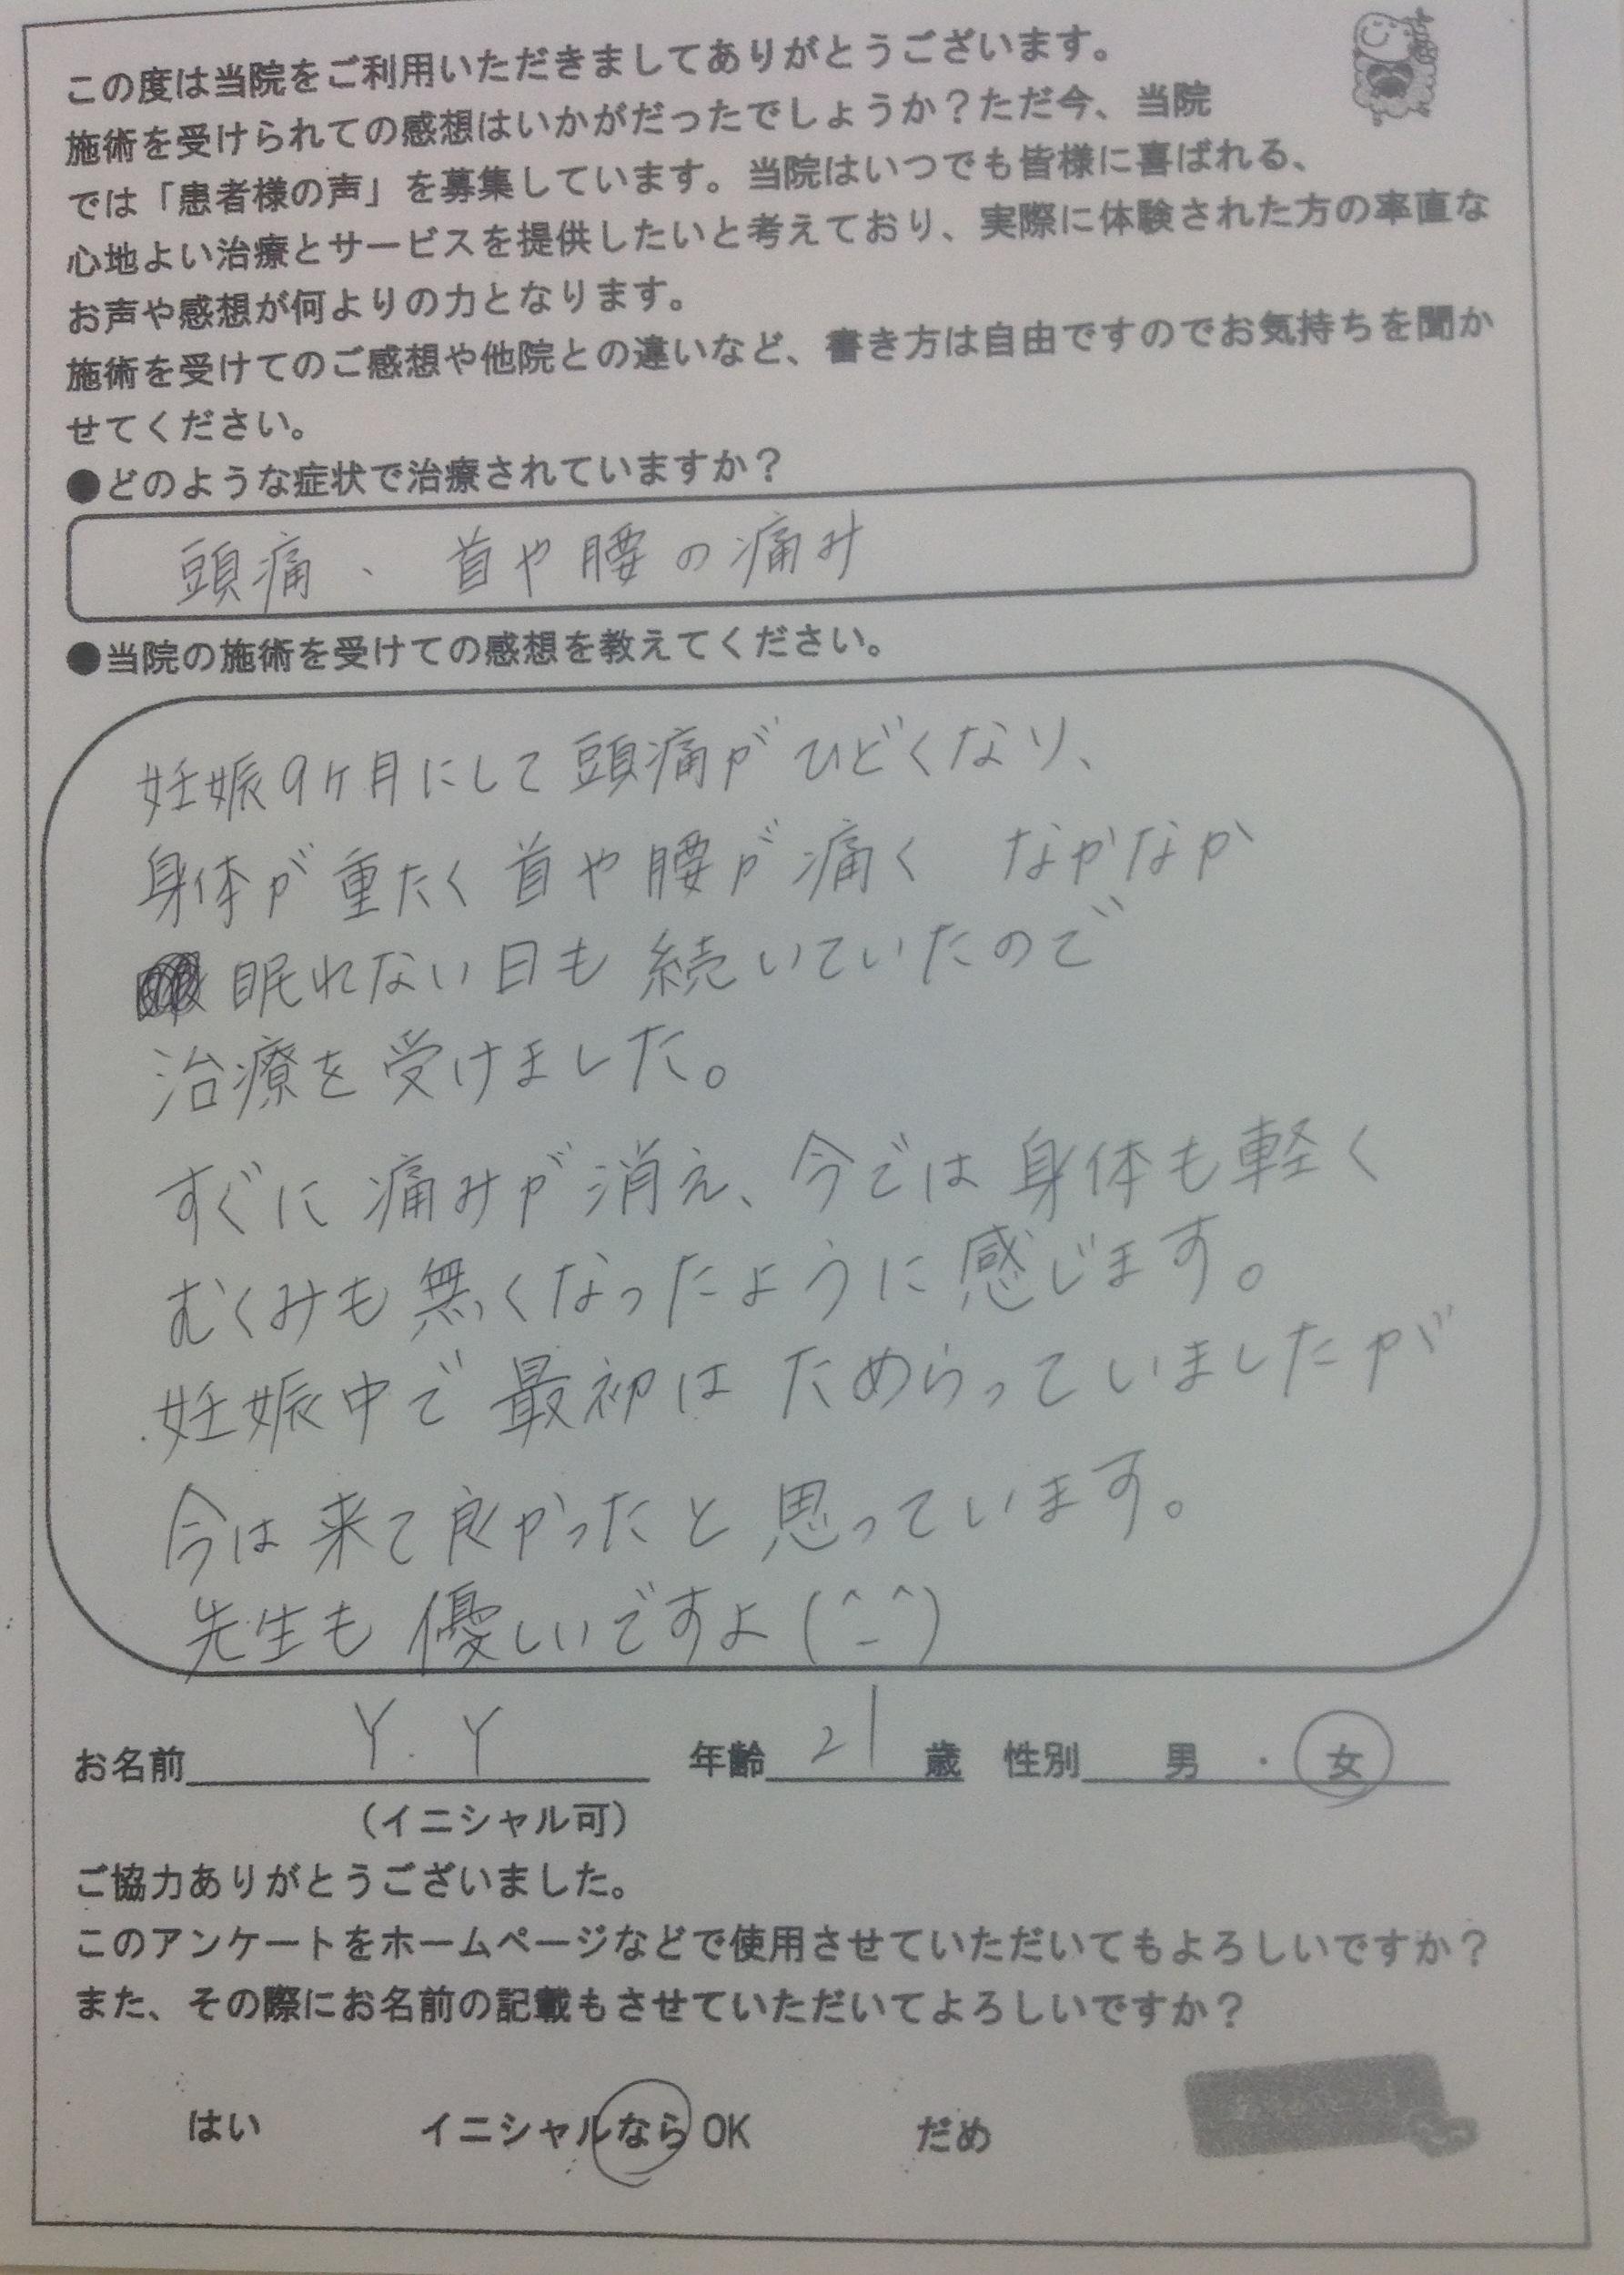 大和屋様コメント.JPG